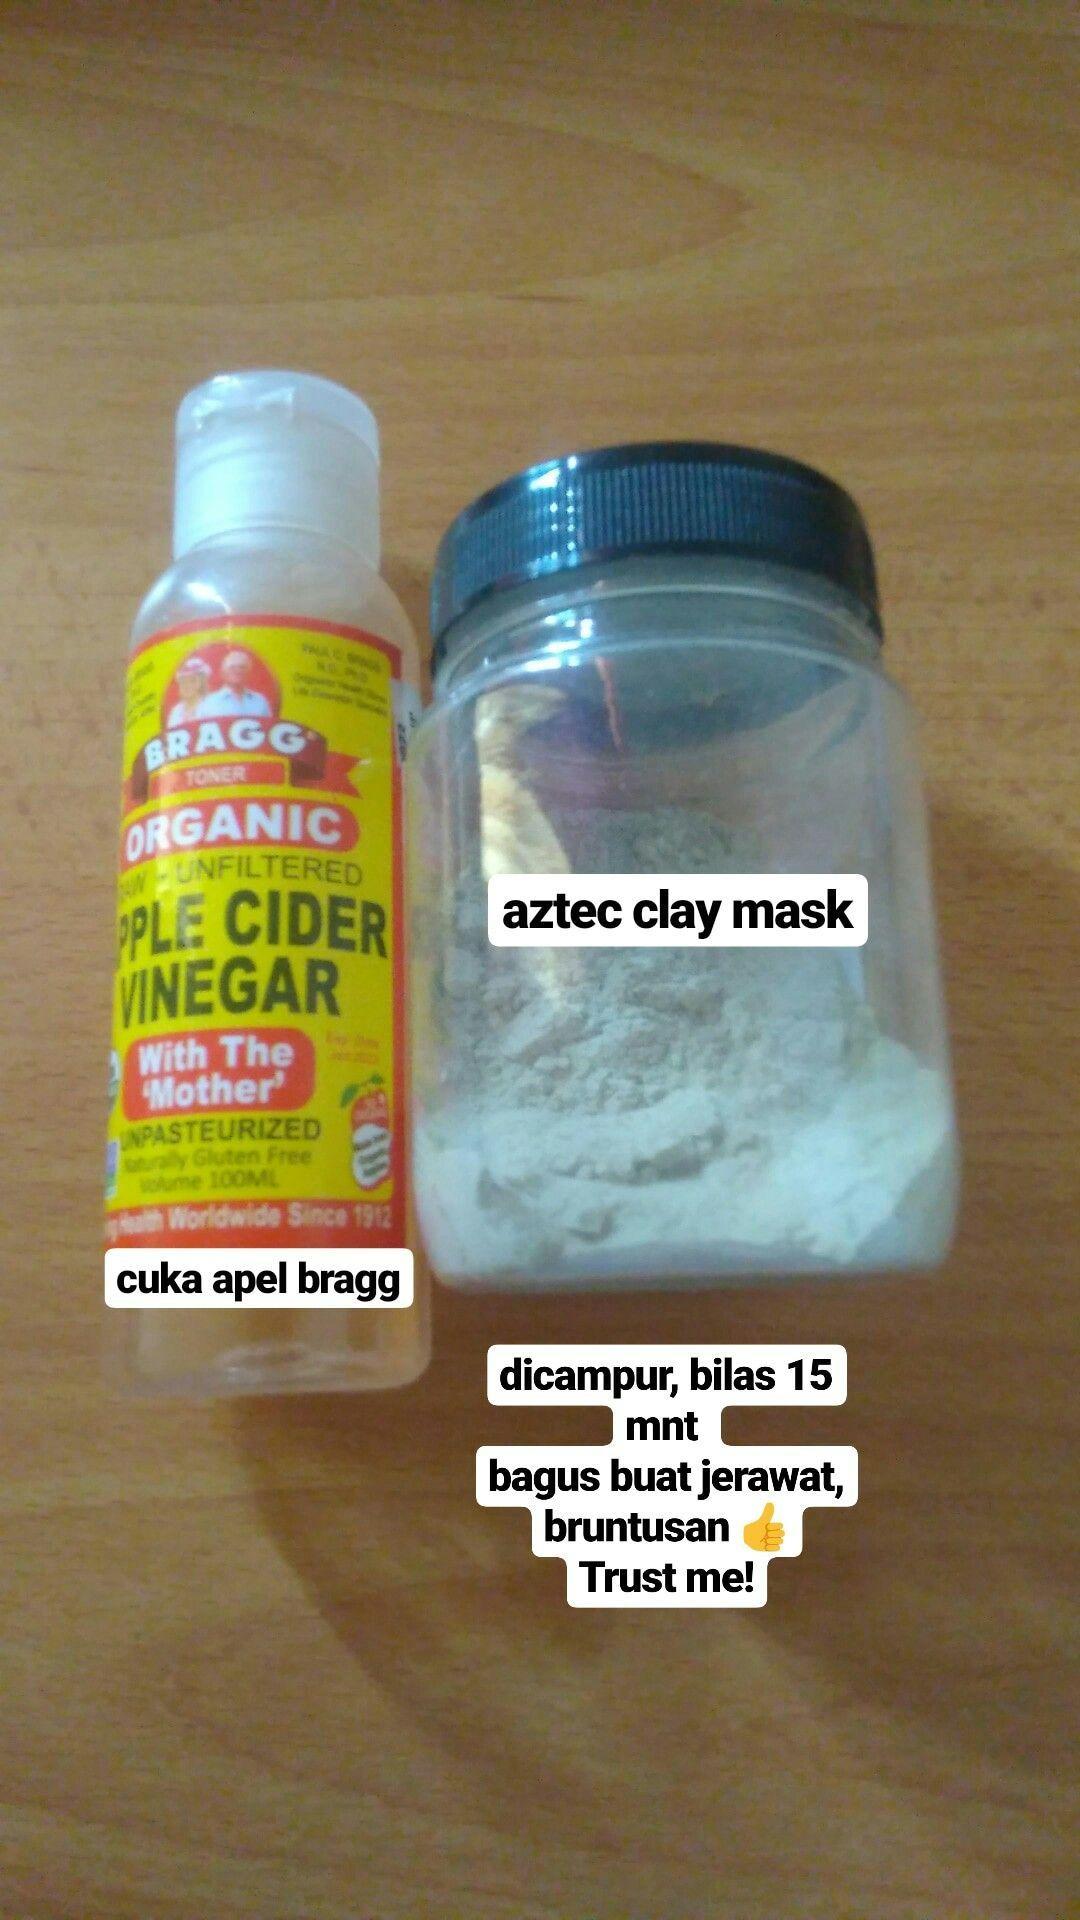 Cara Membuat Masker Alami Untuk Menghilangkan Jerawat Dan Bruntusan